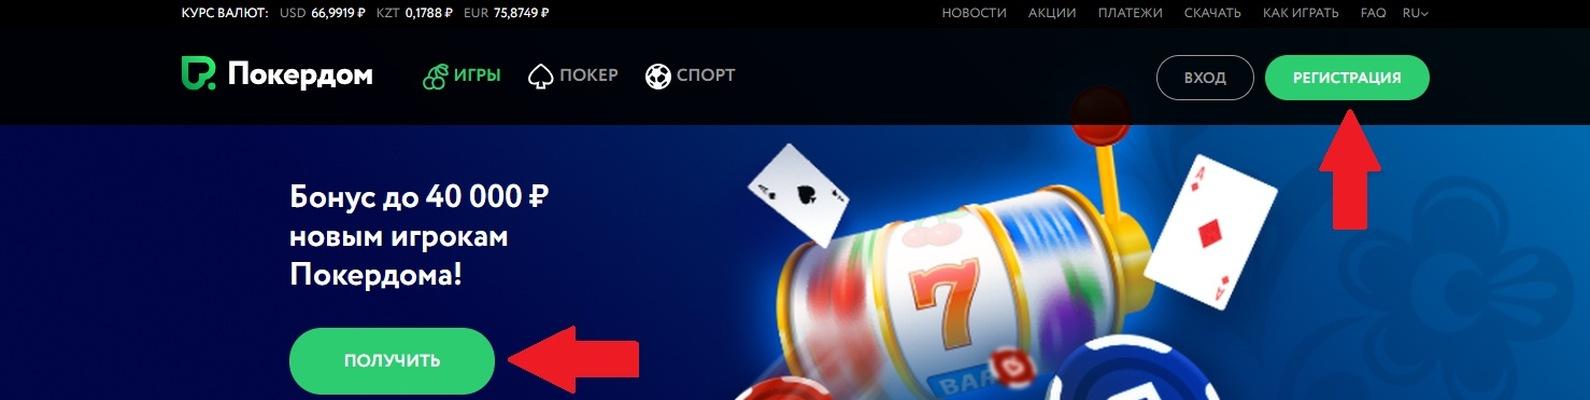 слот игры в покер старс